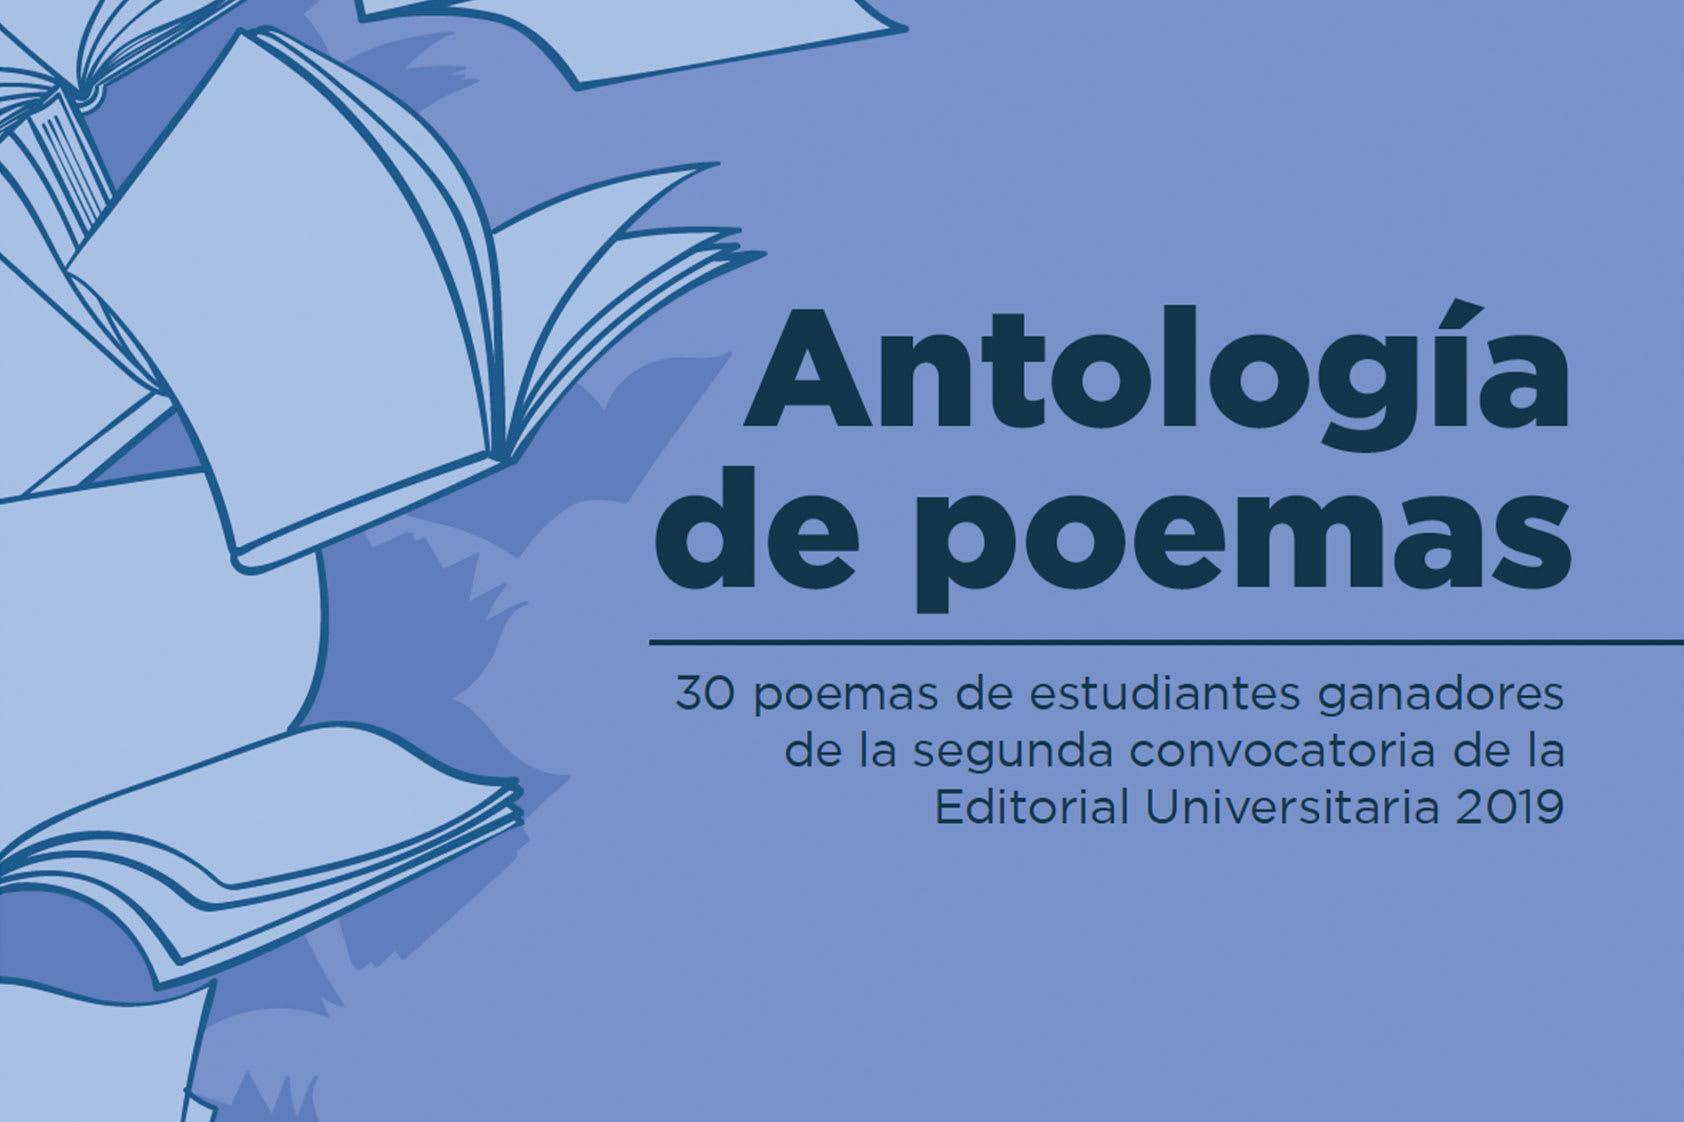 Antología de poemas, una colección inspirada en la vida